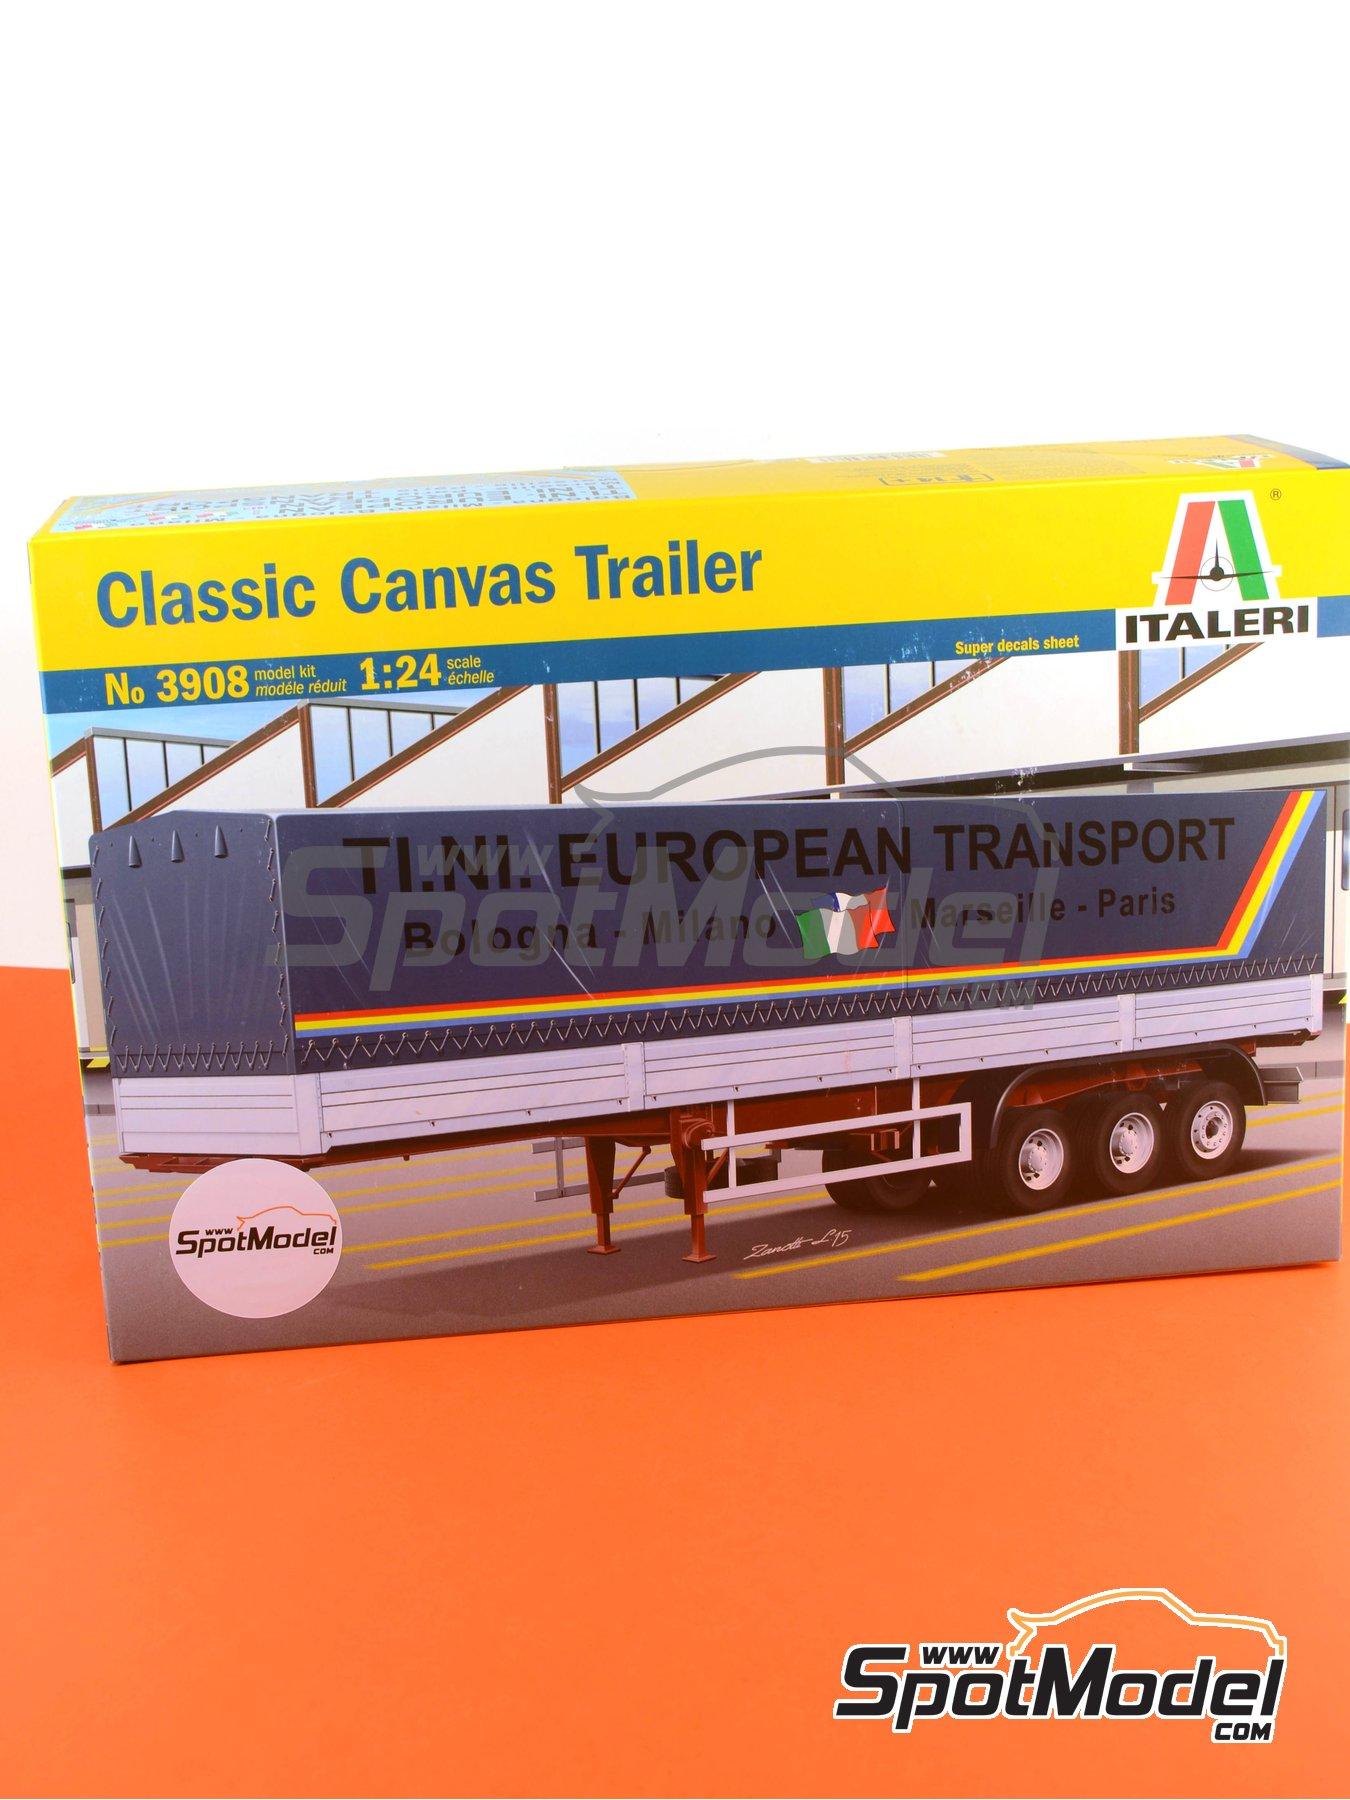 Trailer clásico con lona | Maqueta de remolque en escala1/24 fabricado por Italeri (ref.3908) image